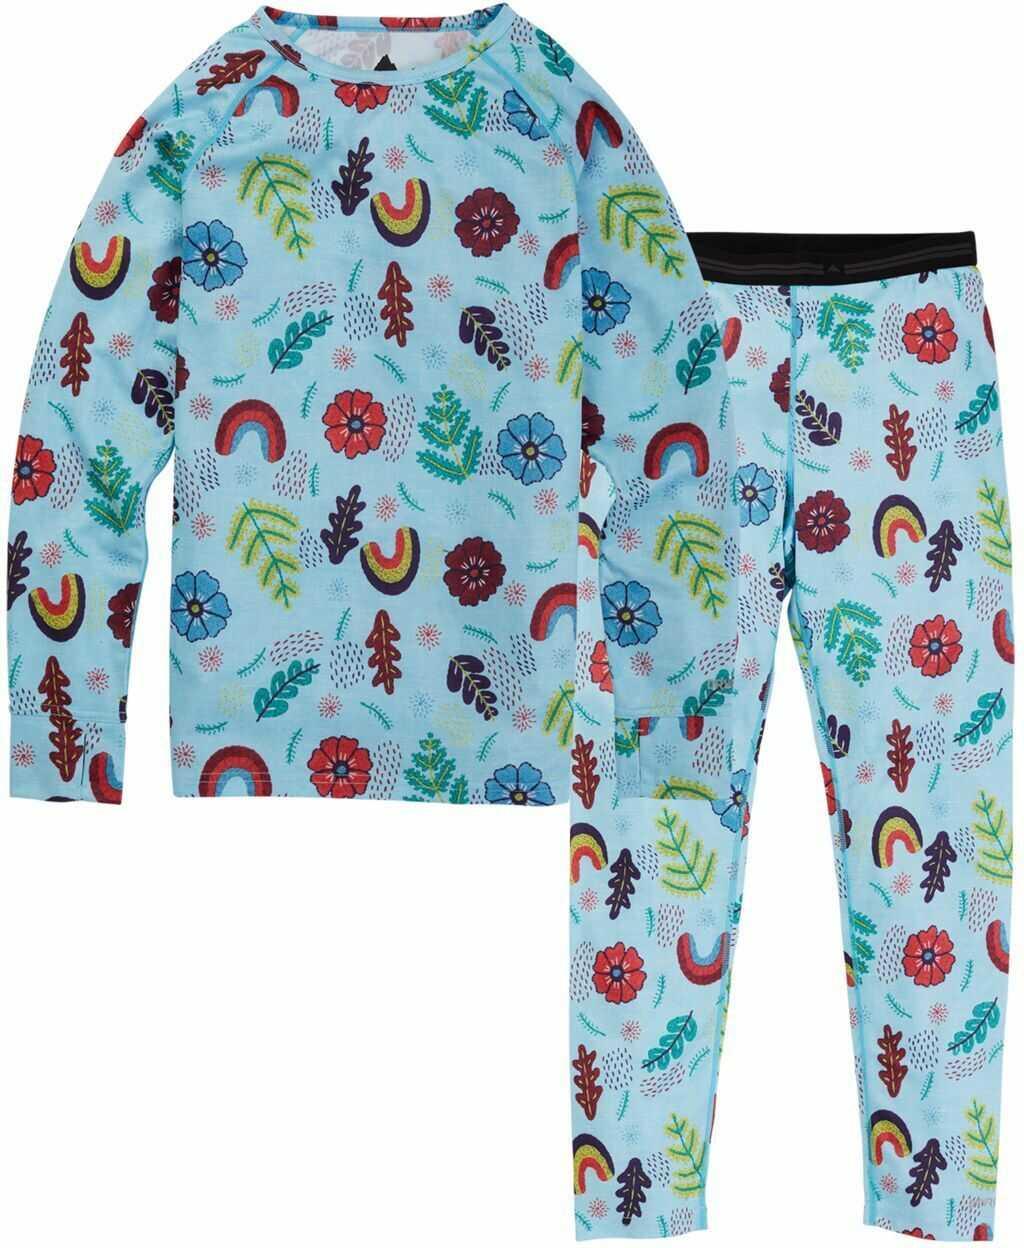 bielizna termoaktywna dziecięca - zestaw BURTON YOUTH 1ST LAYER SET Embroidered Floral